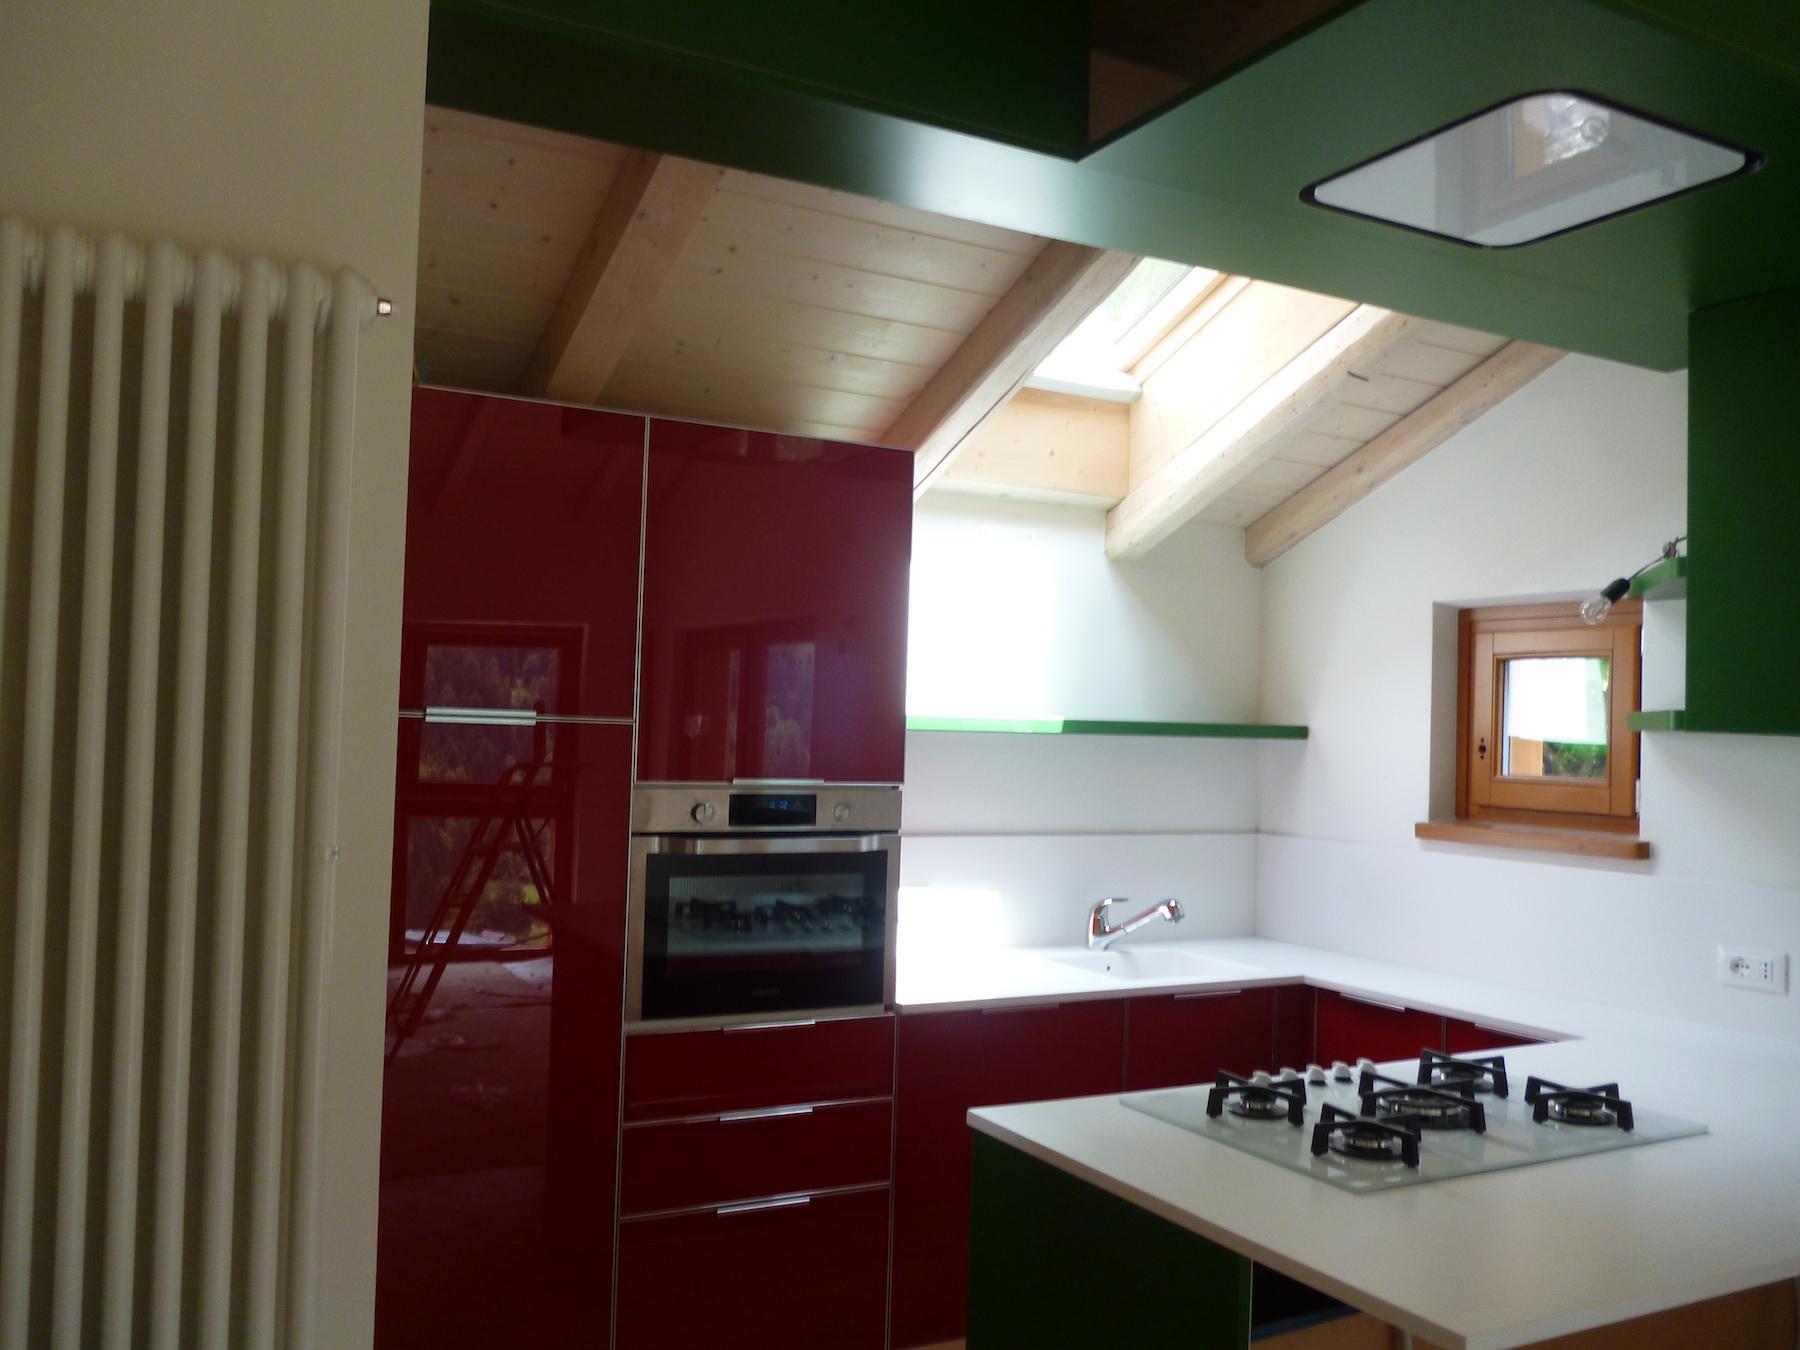 Una cucina eccentrica mobili canella - Areazione cucina ...